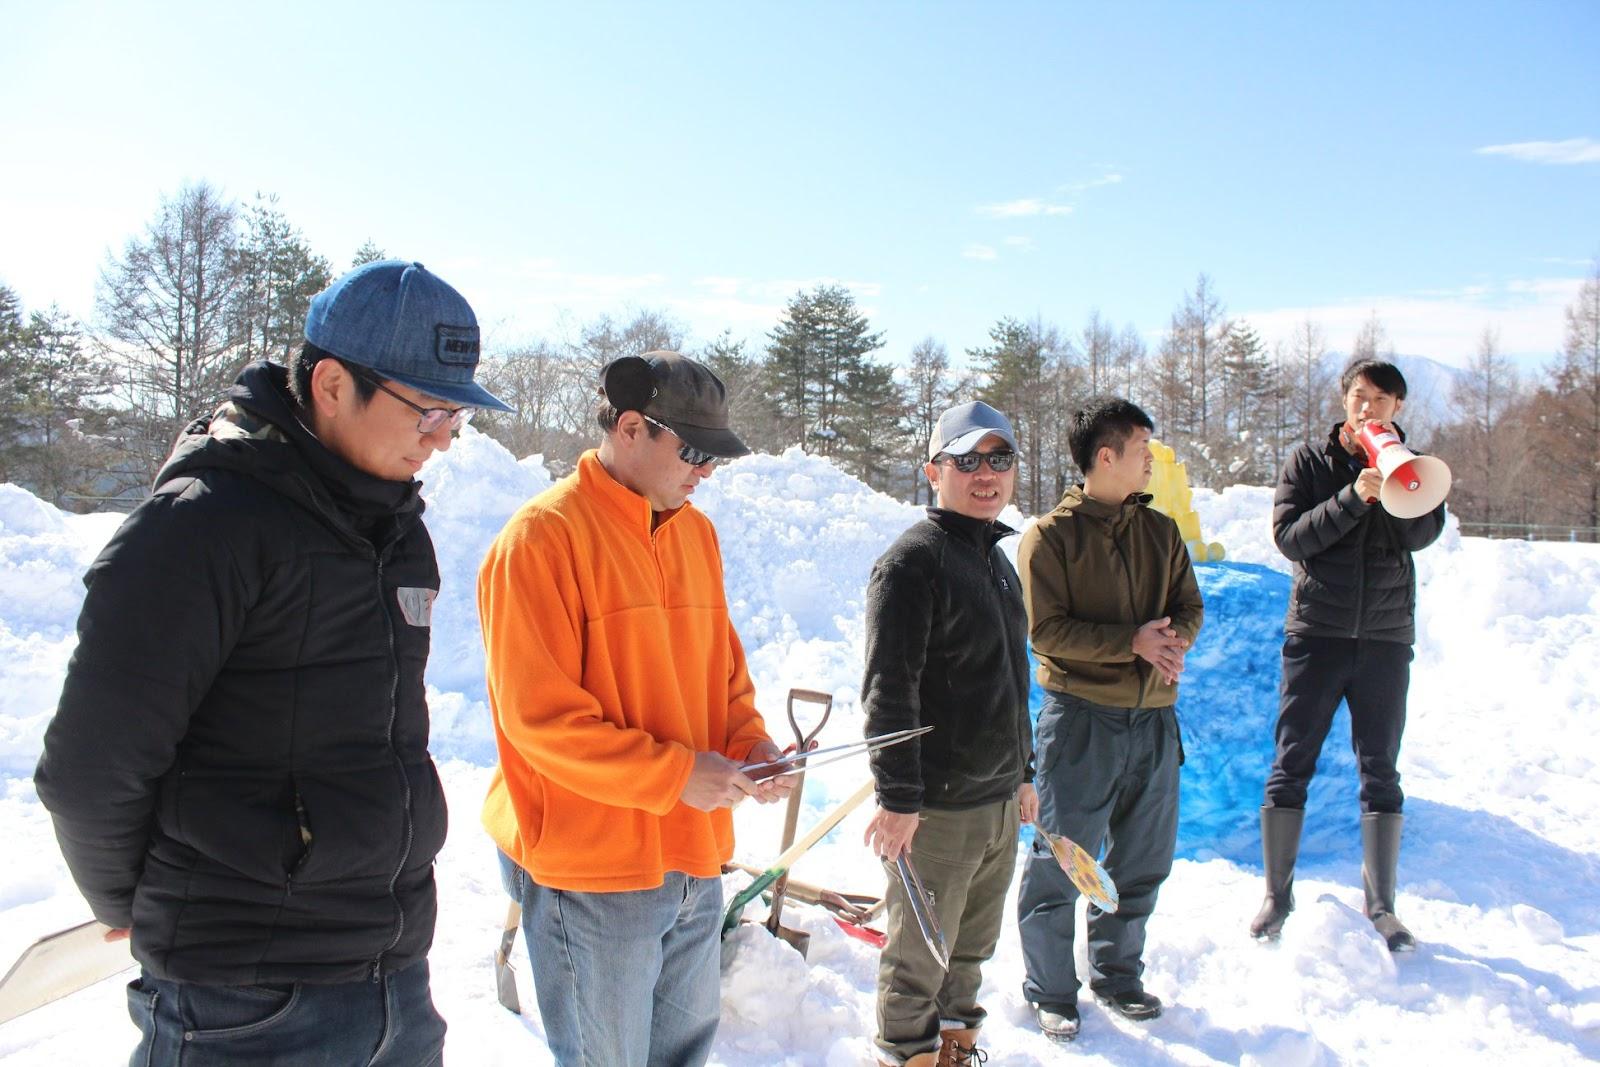 画像に含まれている可能性があるもの:1人、スマイル、立ってる、空、木、子供、雪、屋外、自然